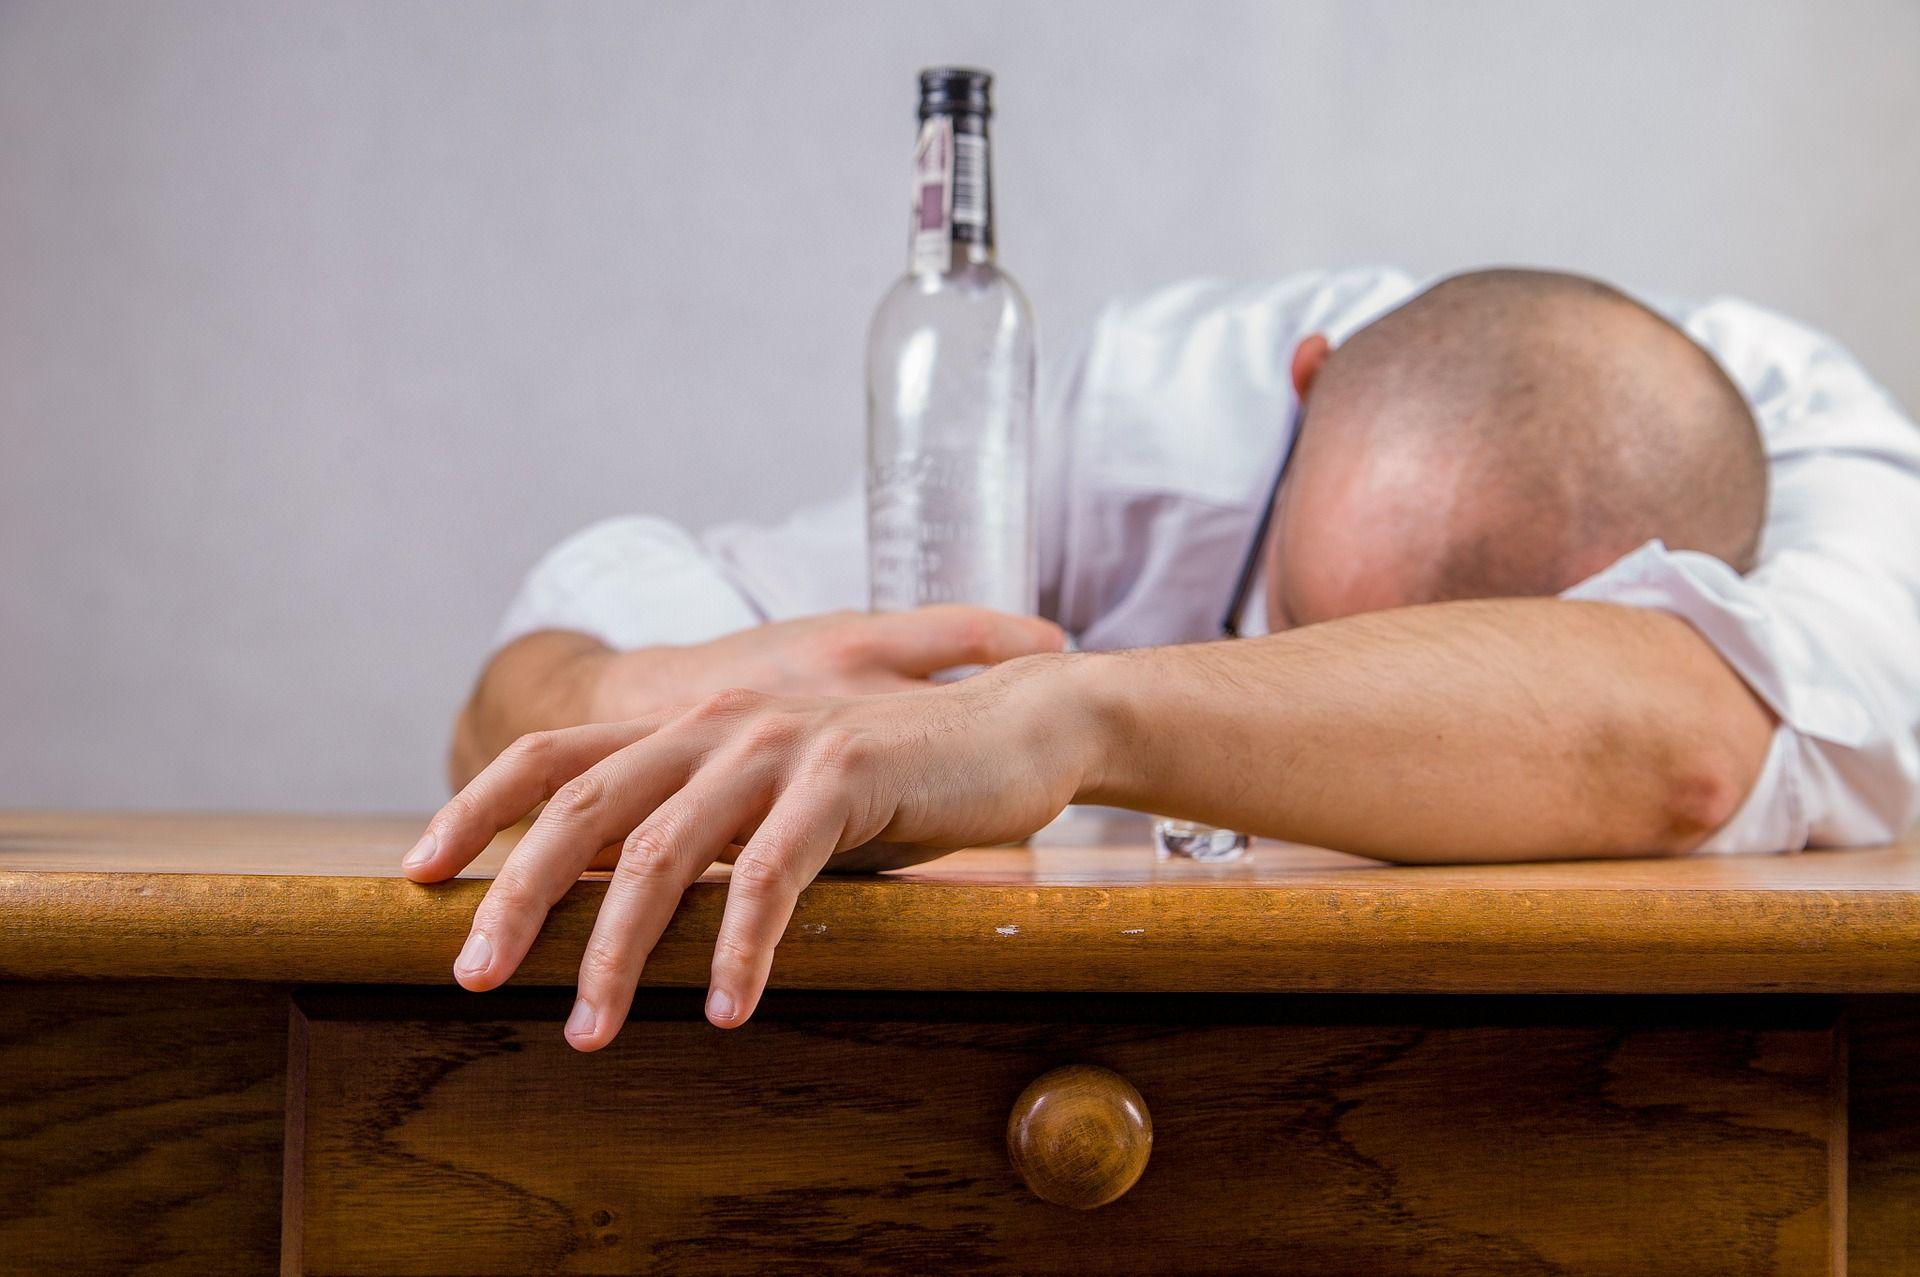 20 шокуючих фактів про алкоголь, про які ви не здогадувались 2